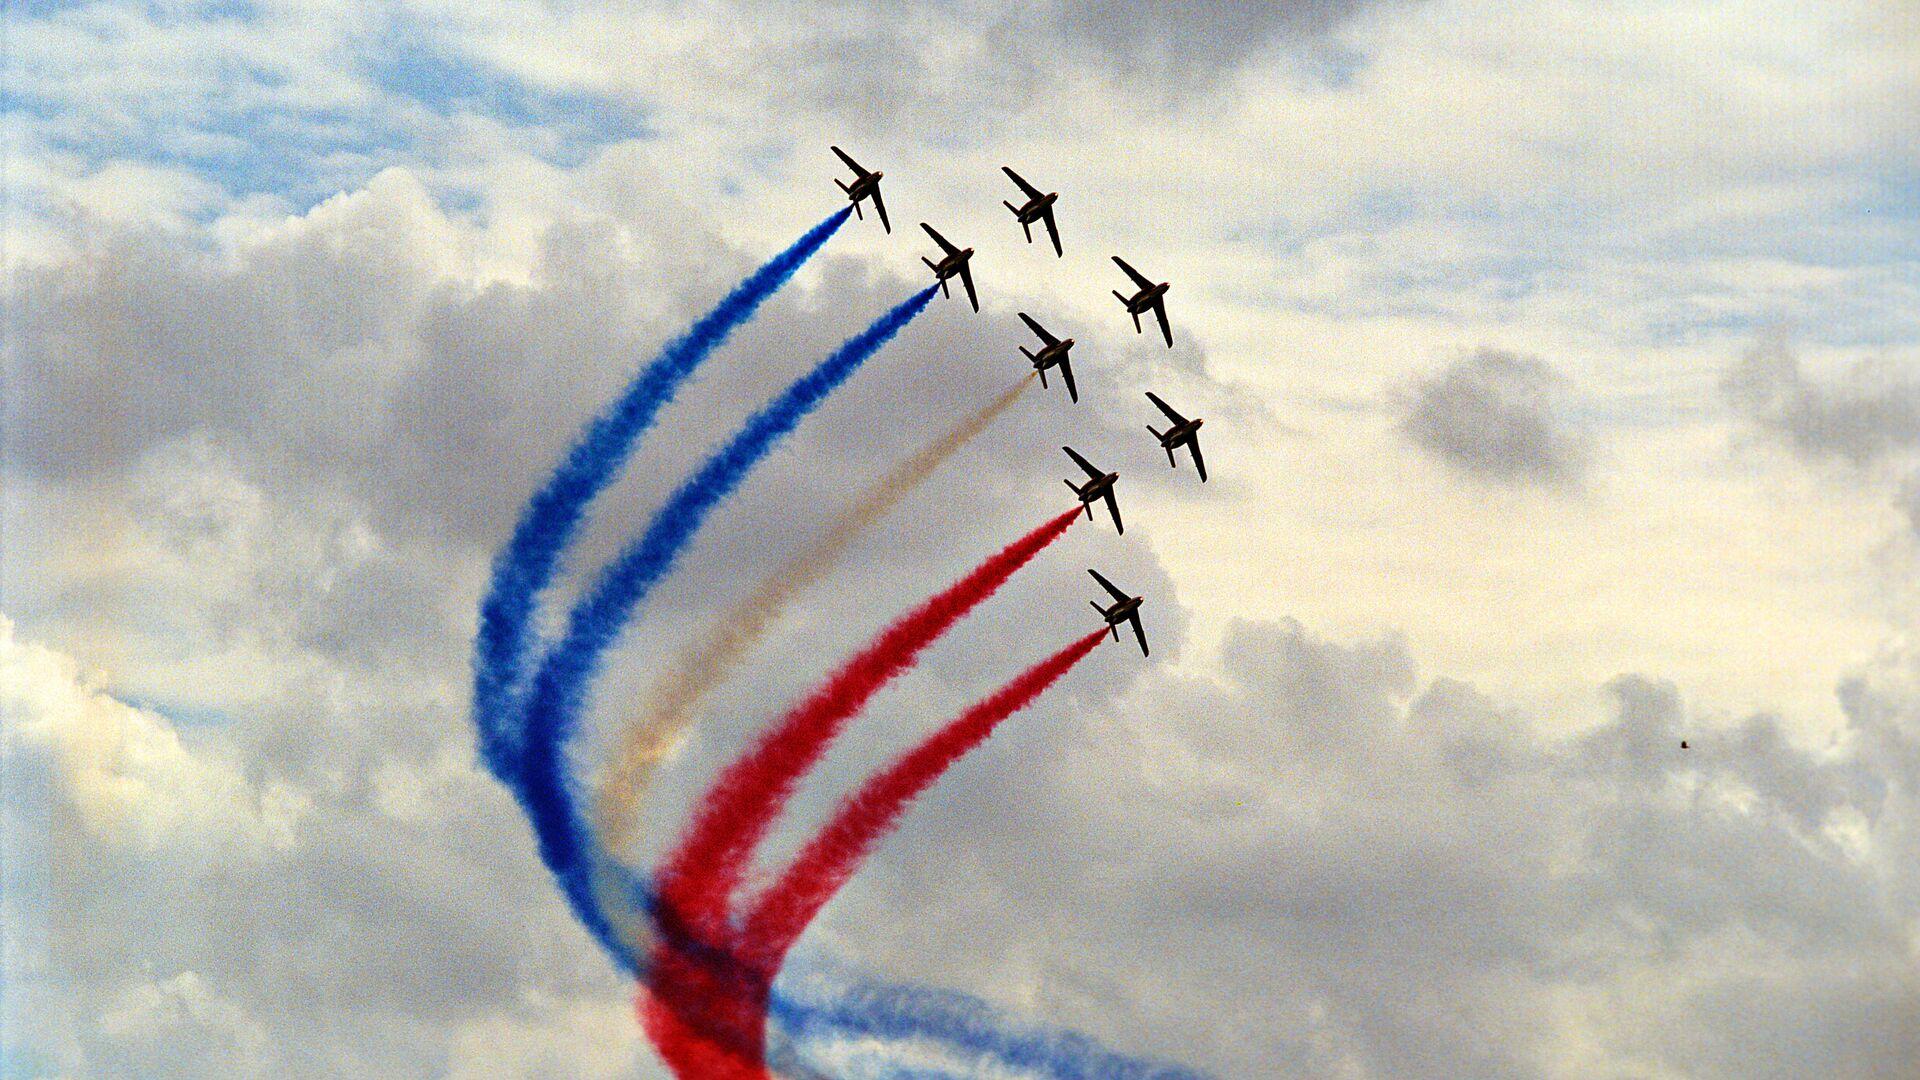 Выступление пилотажной группы Патруль де Франс - РИА Новости, 1920, 08.05.2021